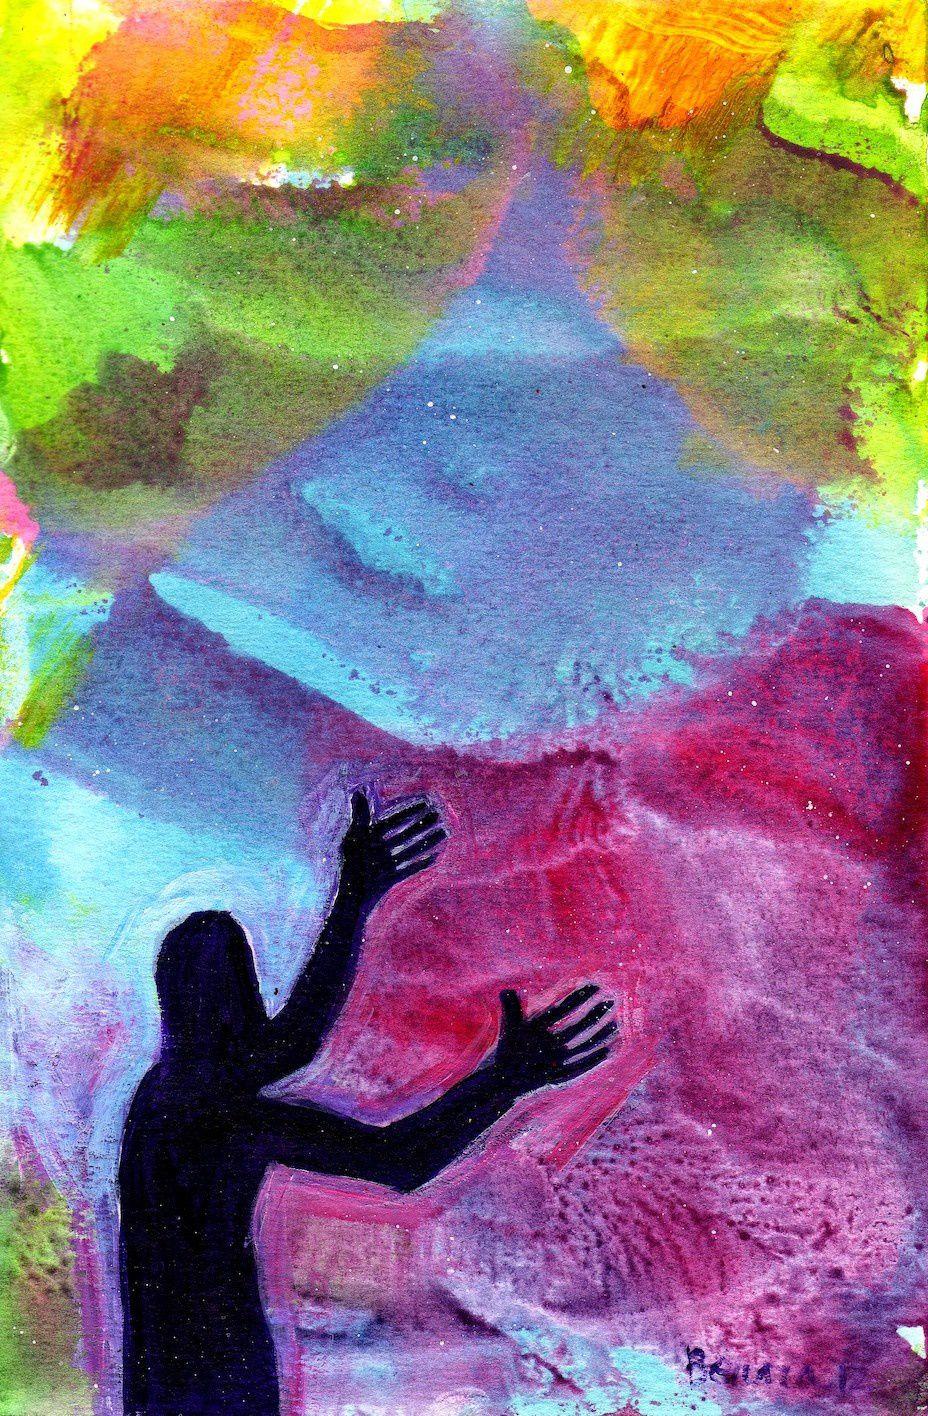 Folle Espérance - Homélie pour le 1er dimanche de l'Avent C